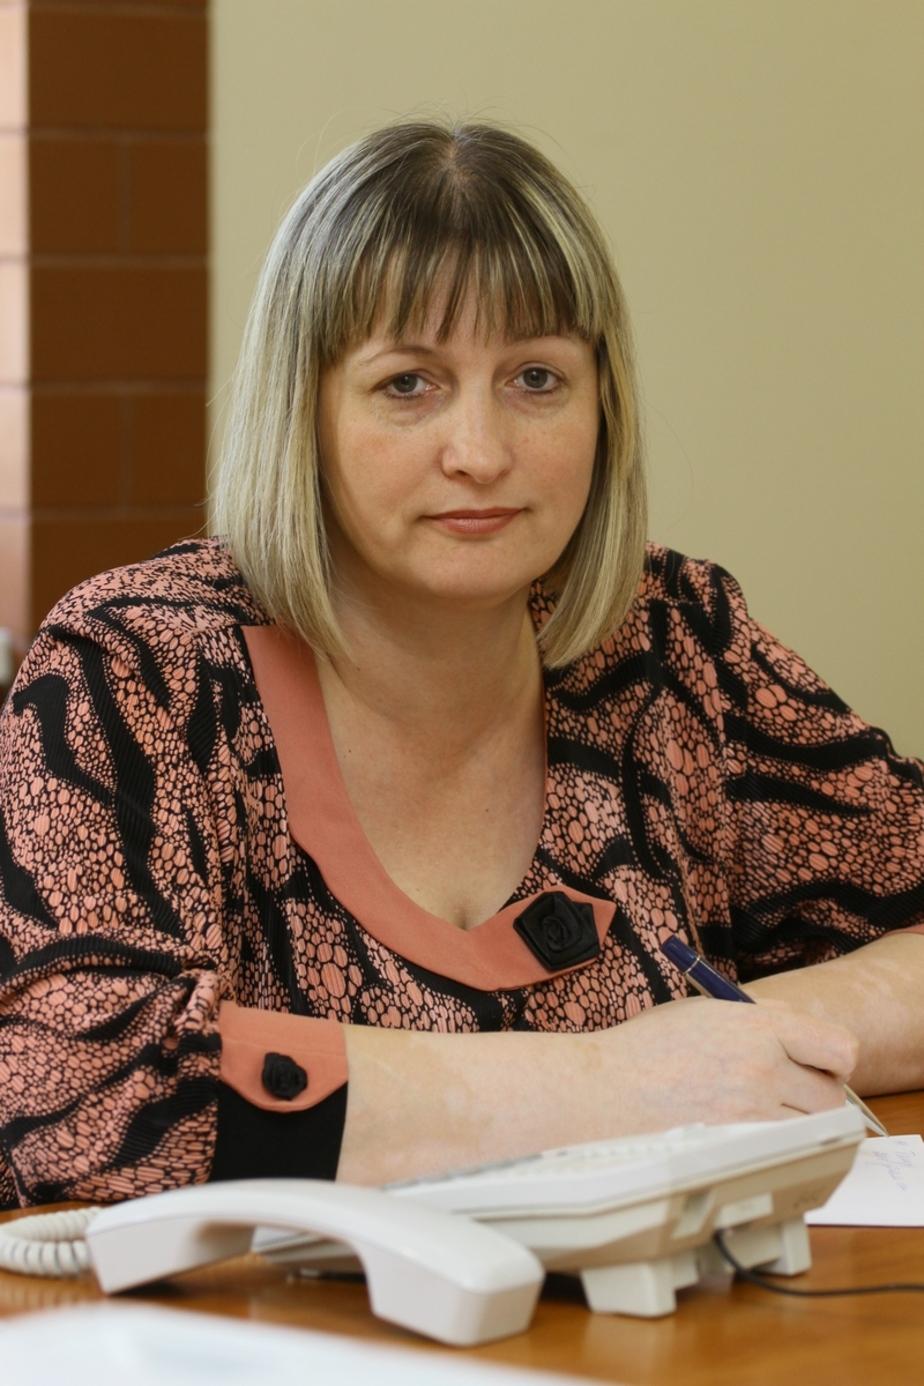 Заместитель управляющего ОПФР области Марина Колчанова: Как удвоить накопления - Новости Калининграда